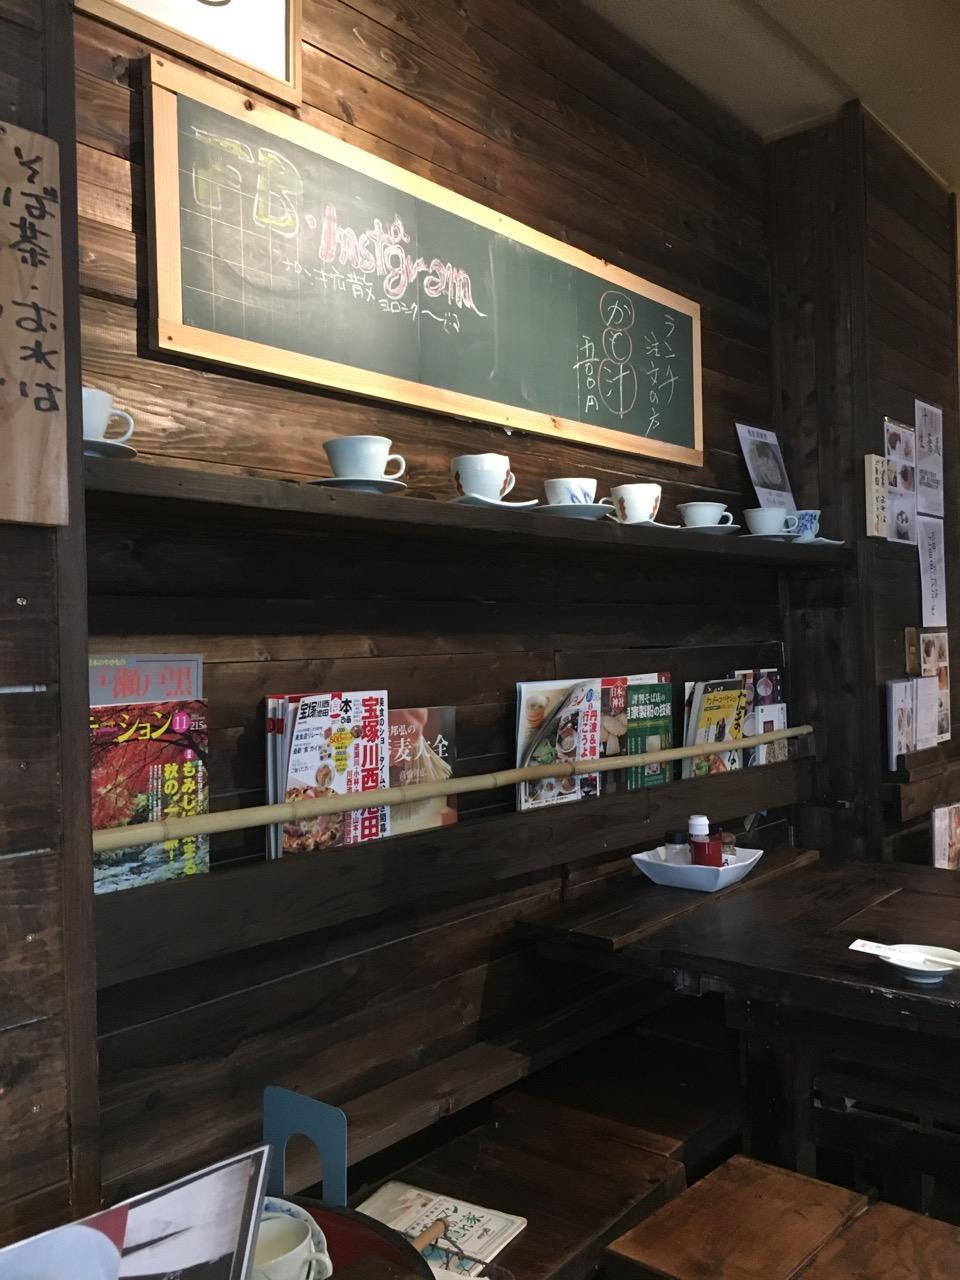 蕎麦屋 斐川(ひかわ)の隠れ家ランチ